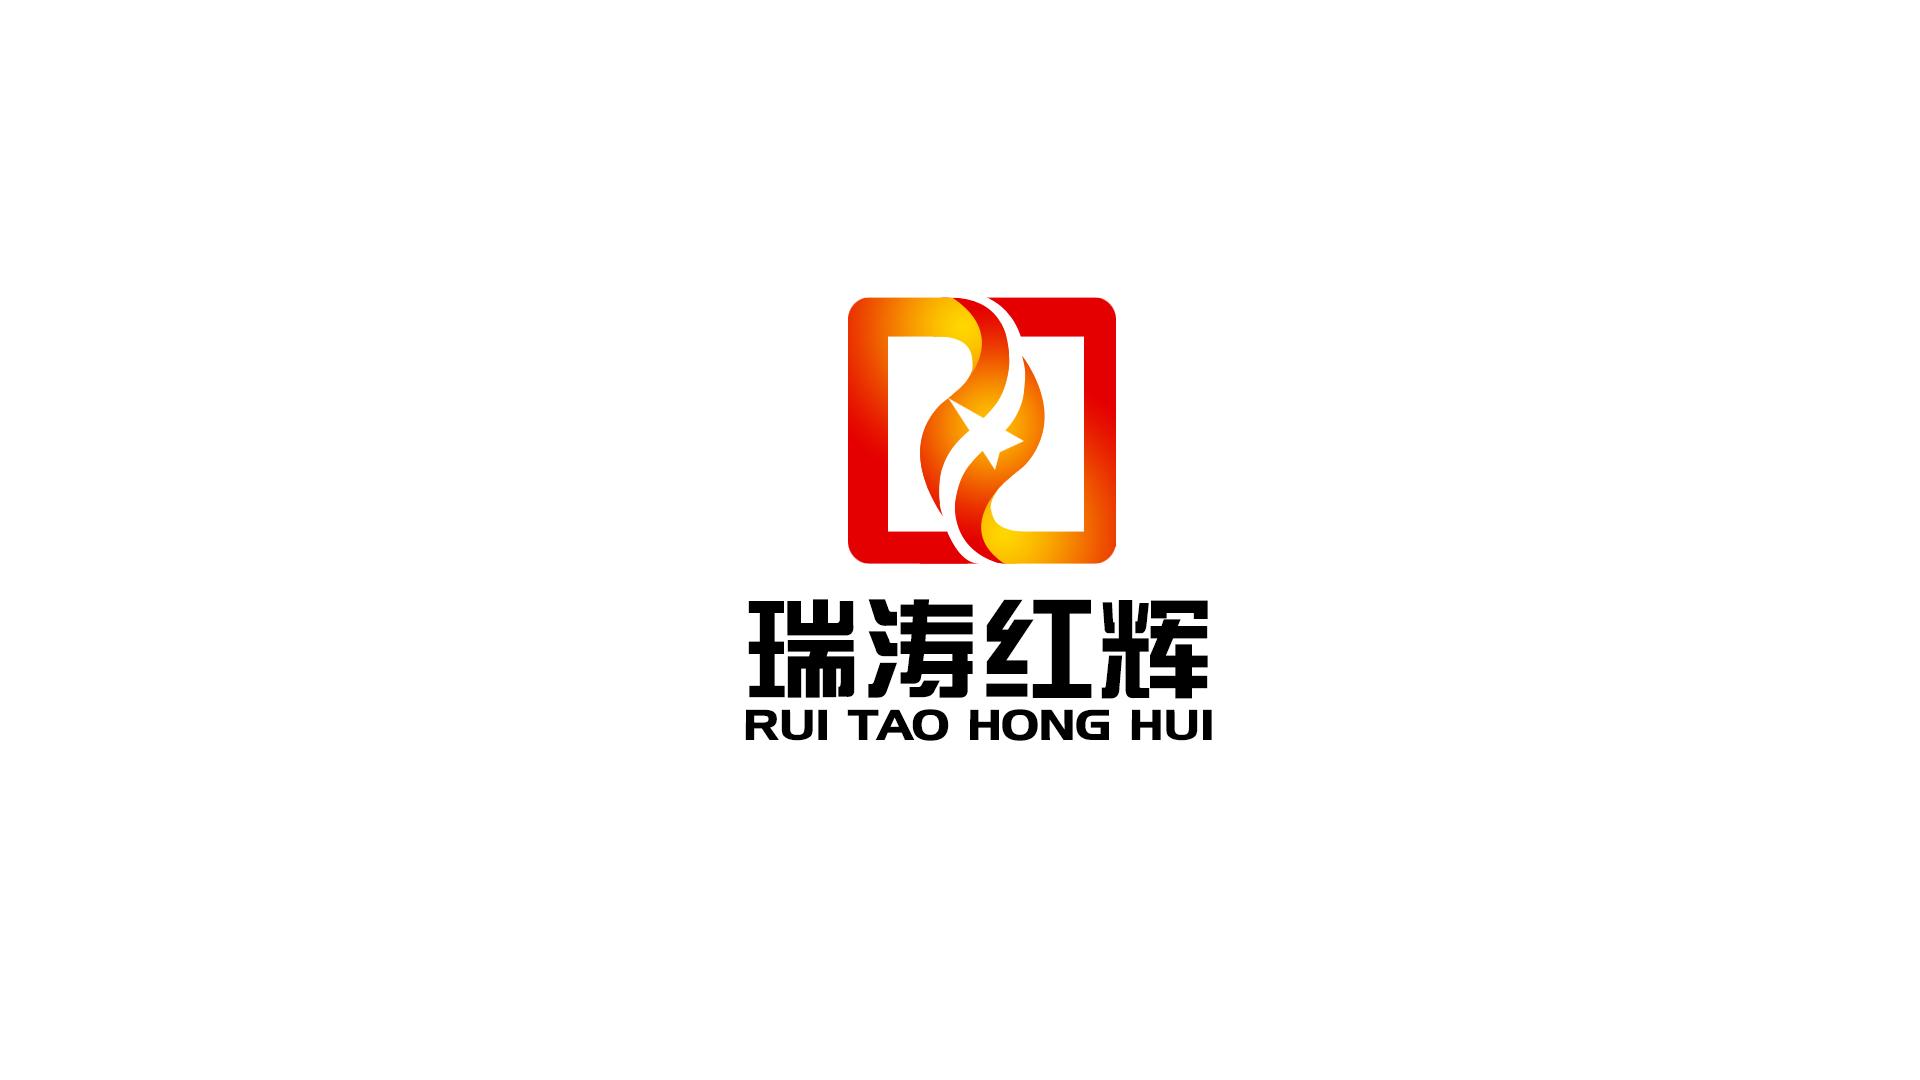 瑞涛红辉材料公司LOGO设计